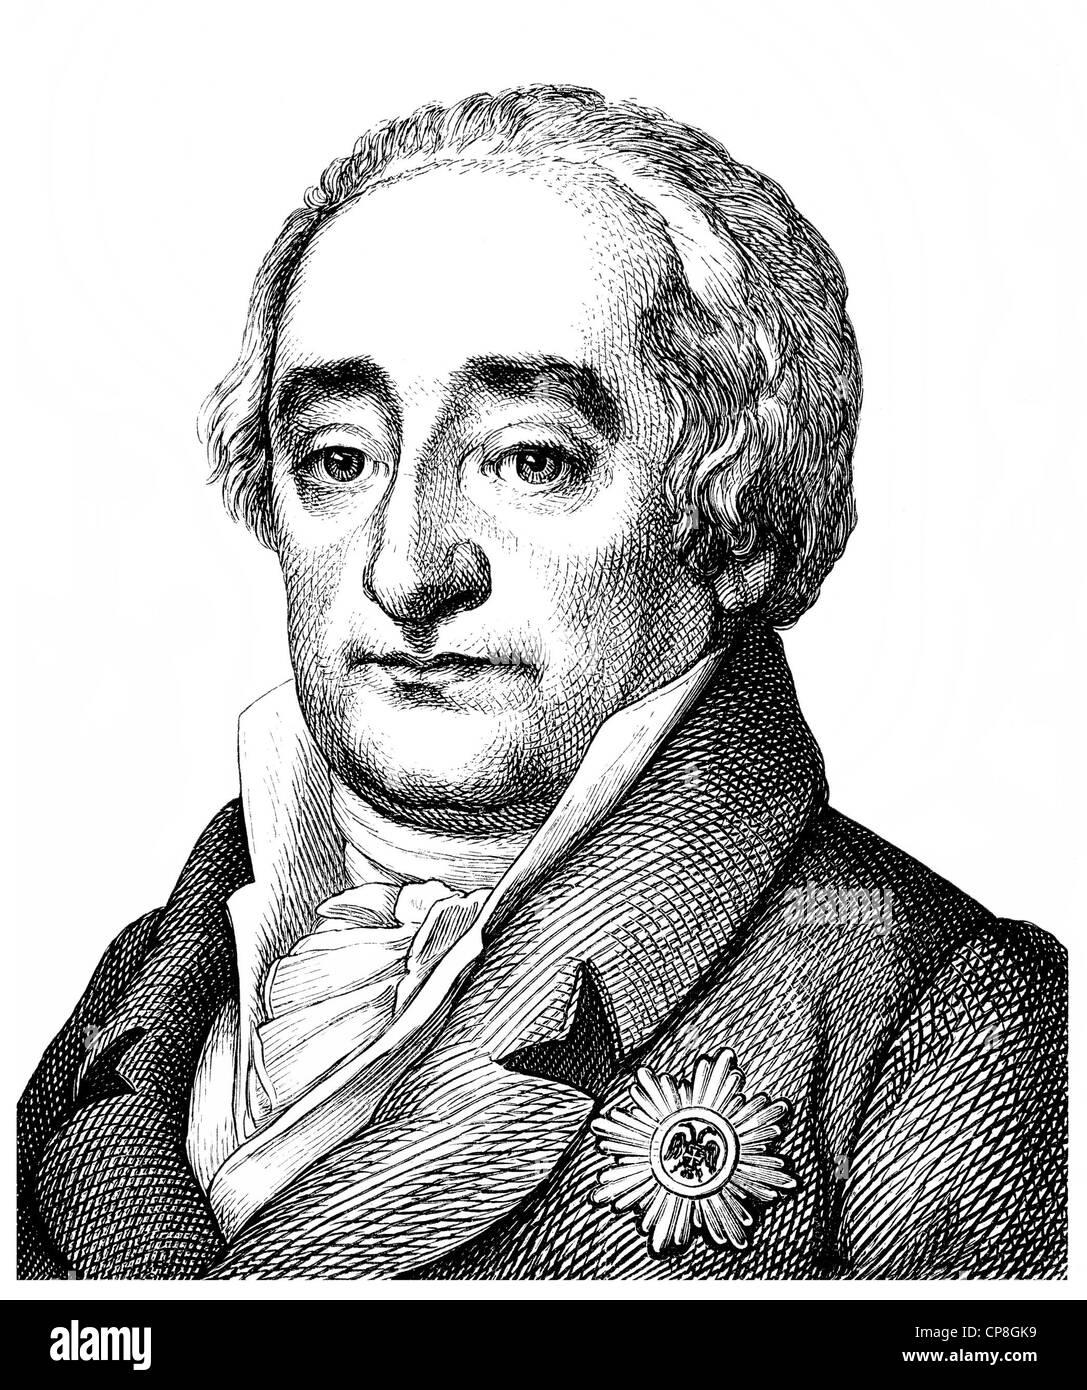 Heinrich Friedrich Karl Baron vom und zum Stein, 1757 - 1831, un estadista y reformador prusiano, Historische Zeichnung oficial Foto de stock